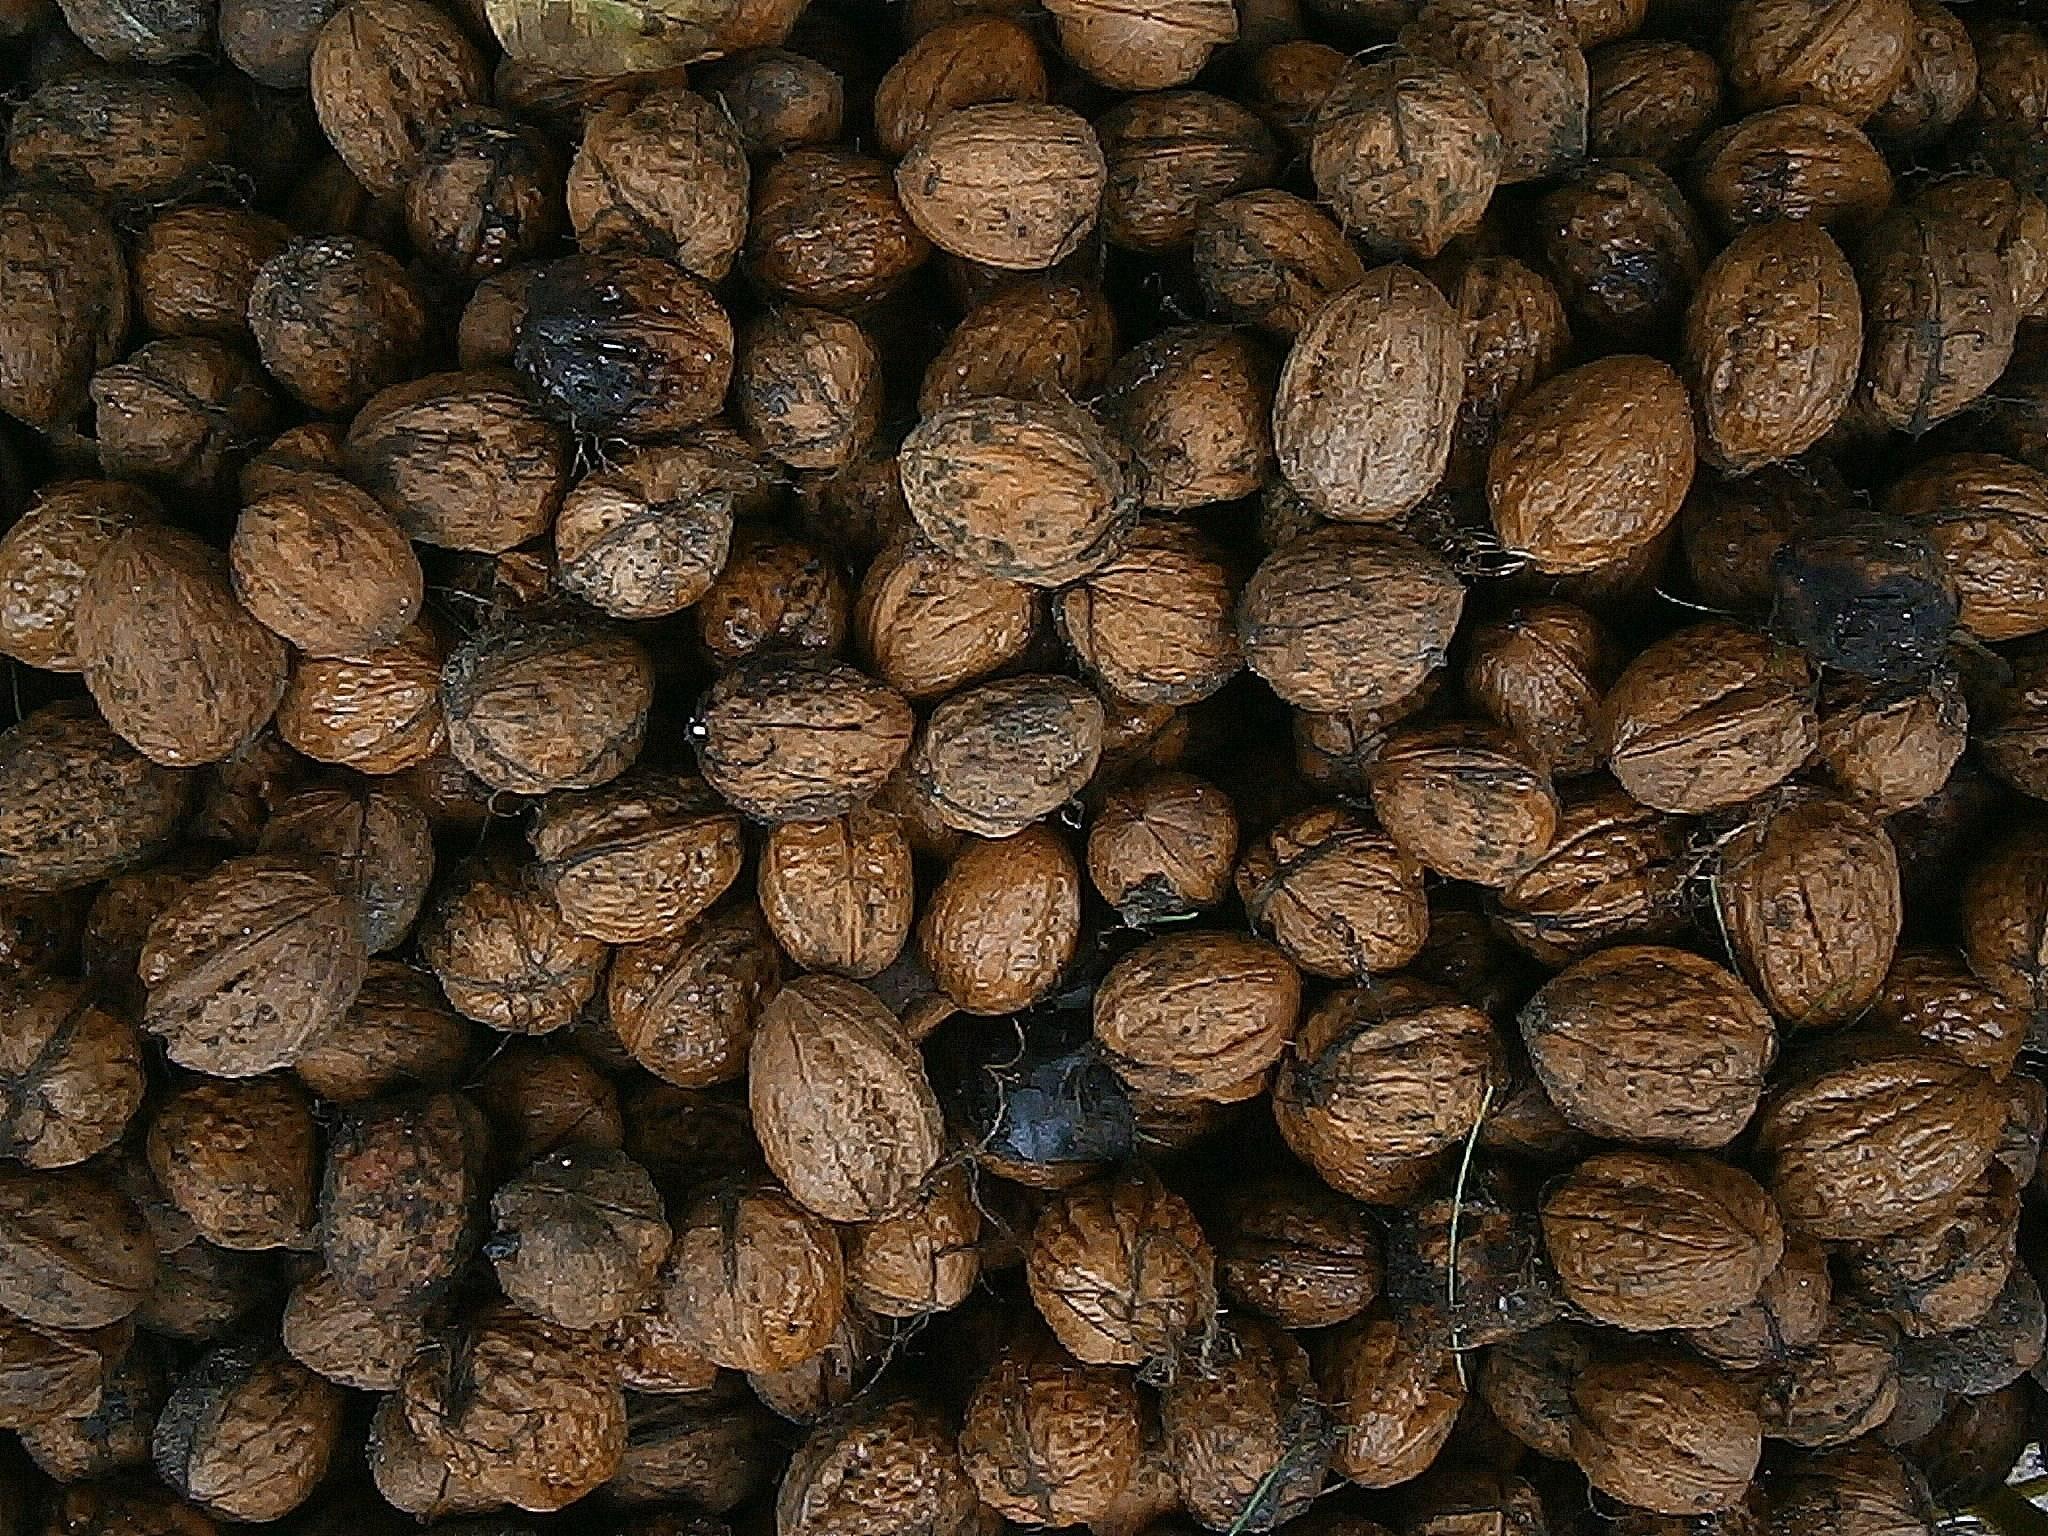 Родина грецких орехов: откуда привезены, происхождение, интересные факты